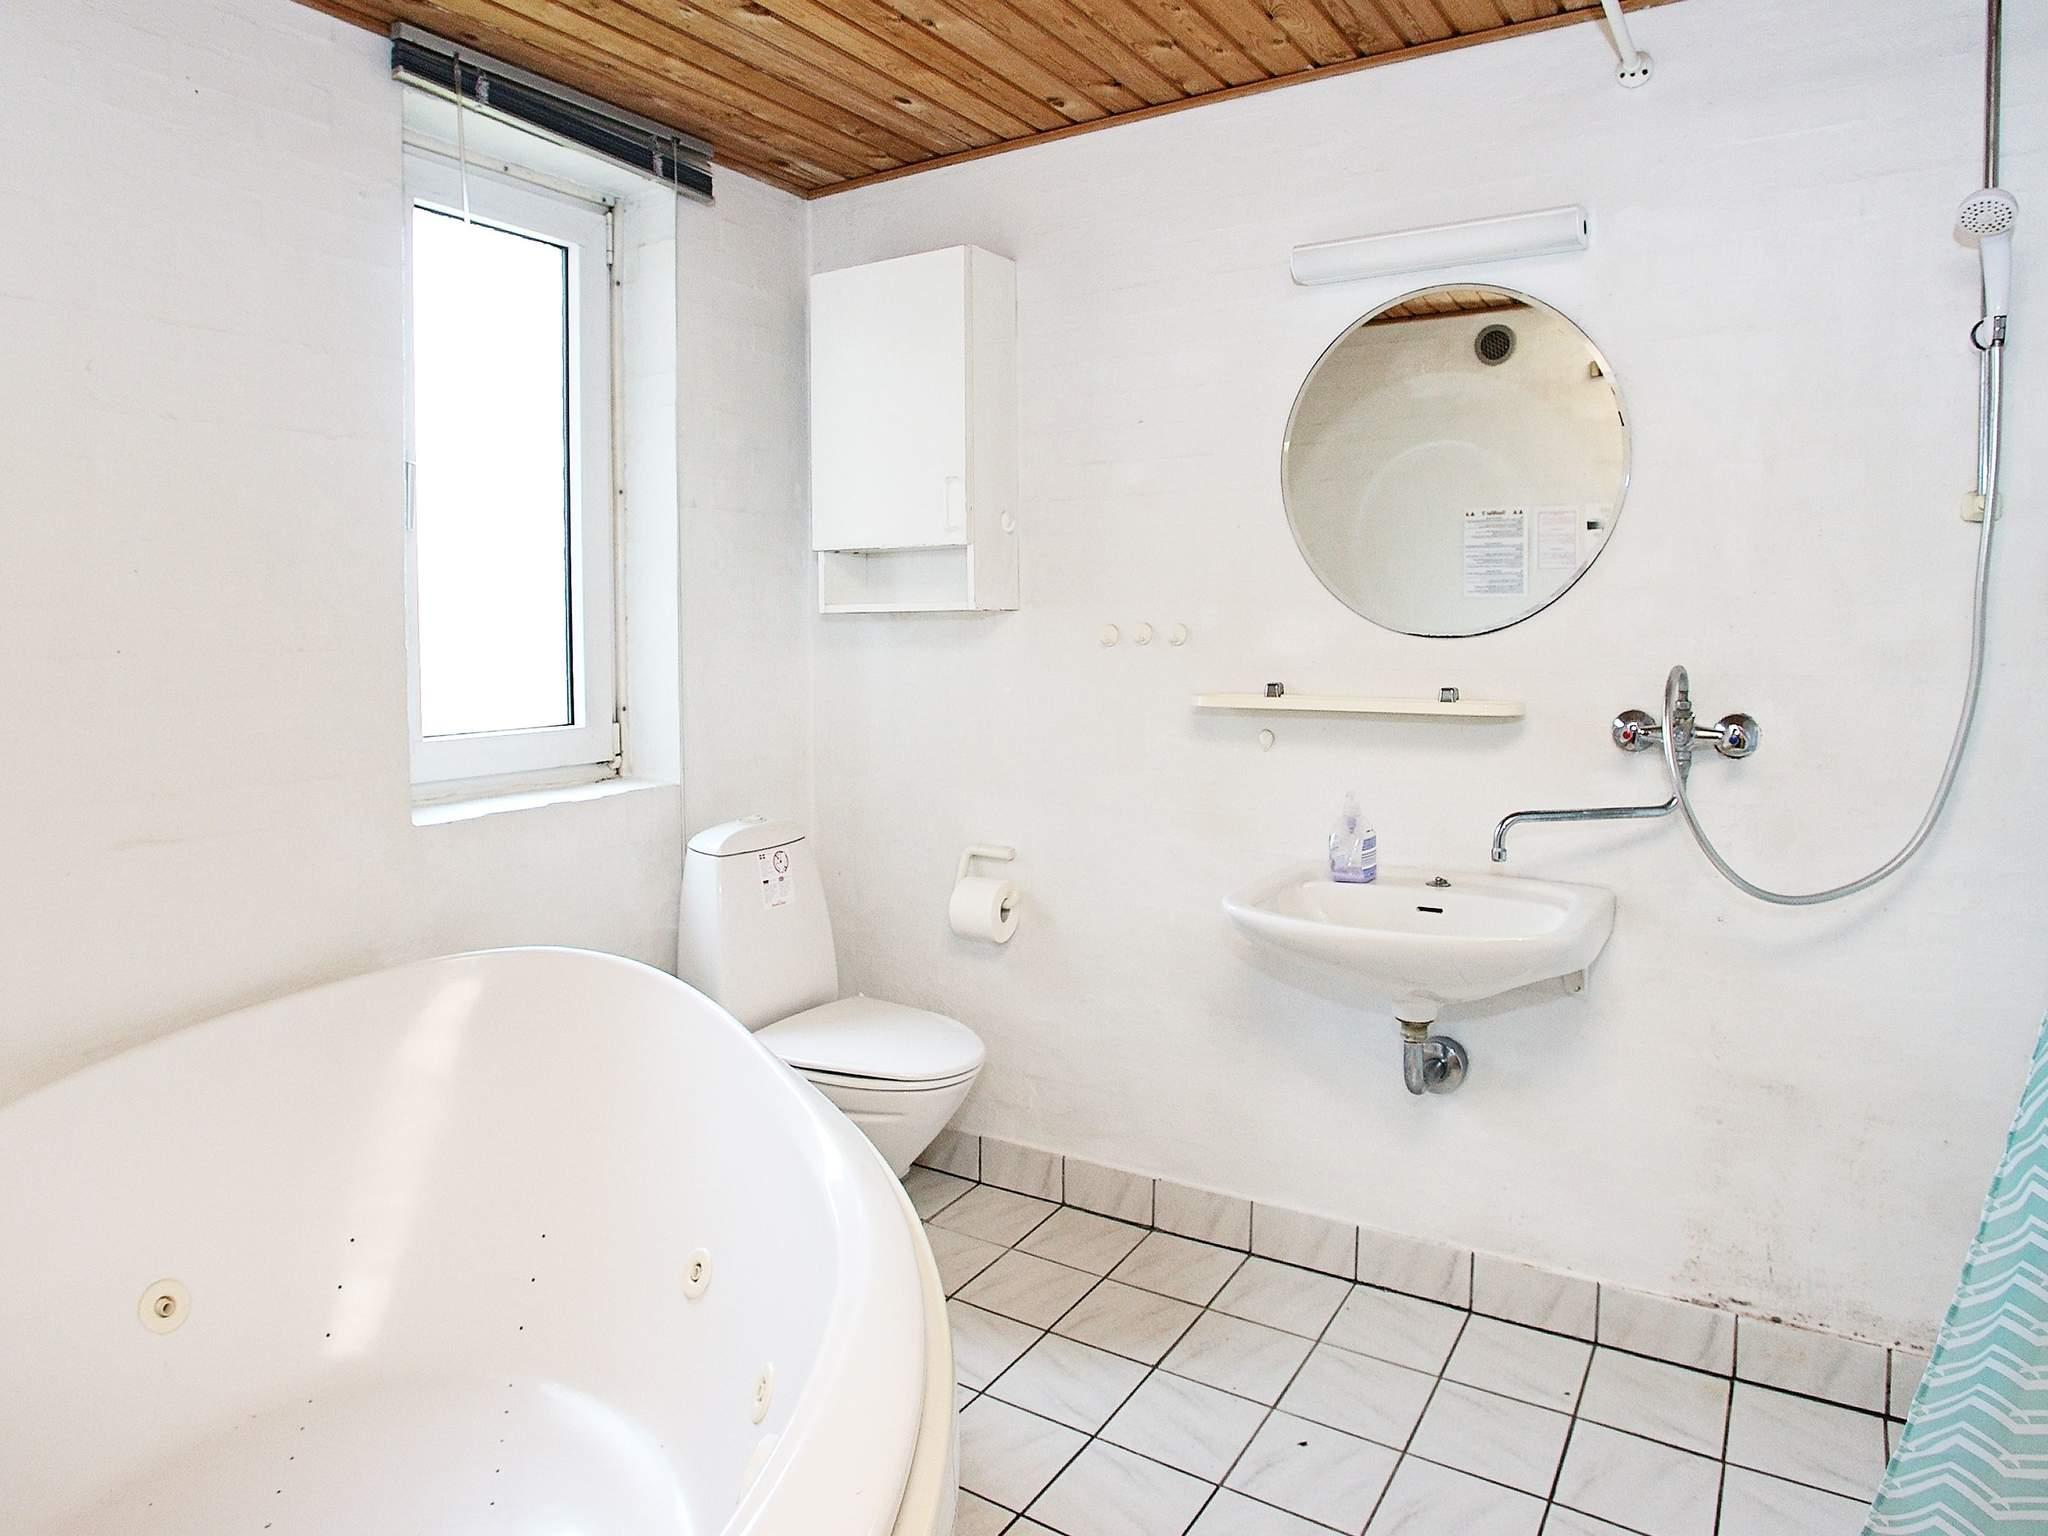 Ferienhaus Agger (81750), Vestervig, , Limfjord, Dänemark, Bild 9